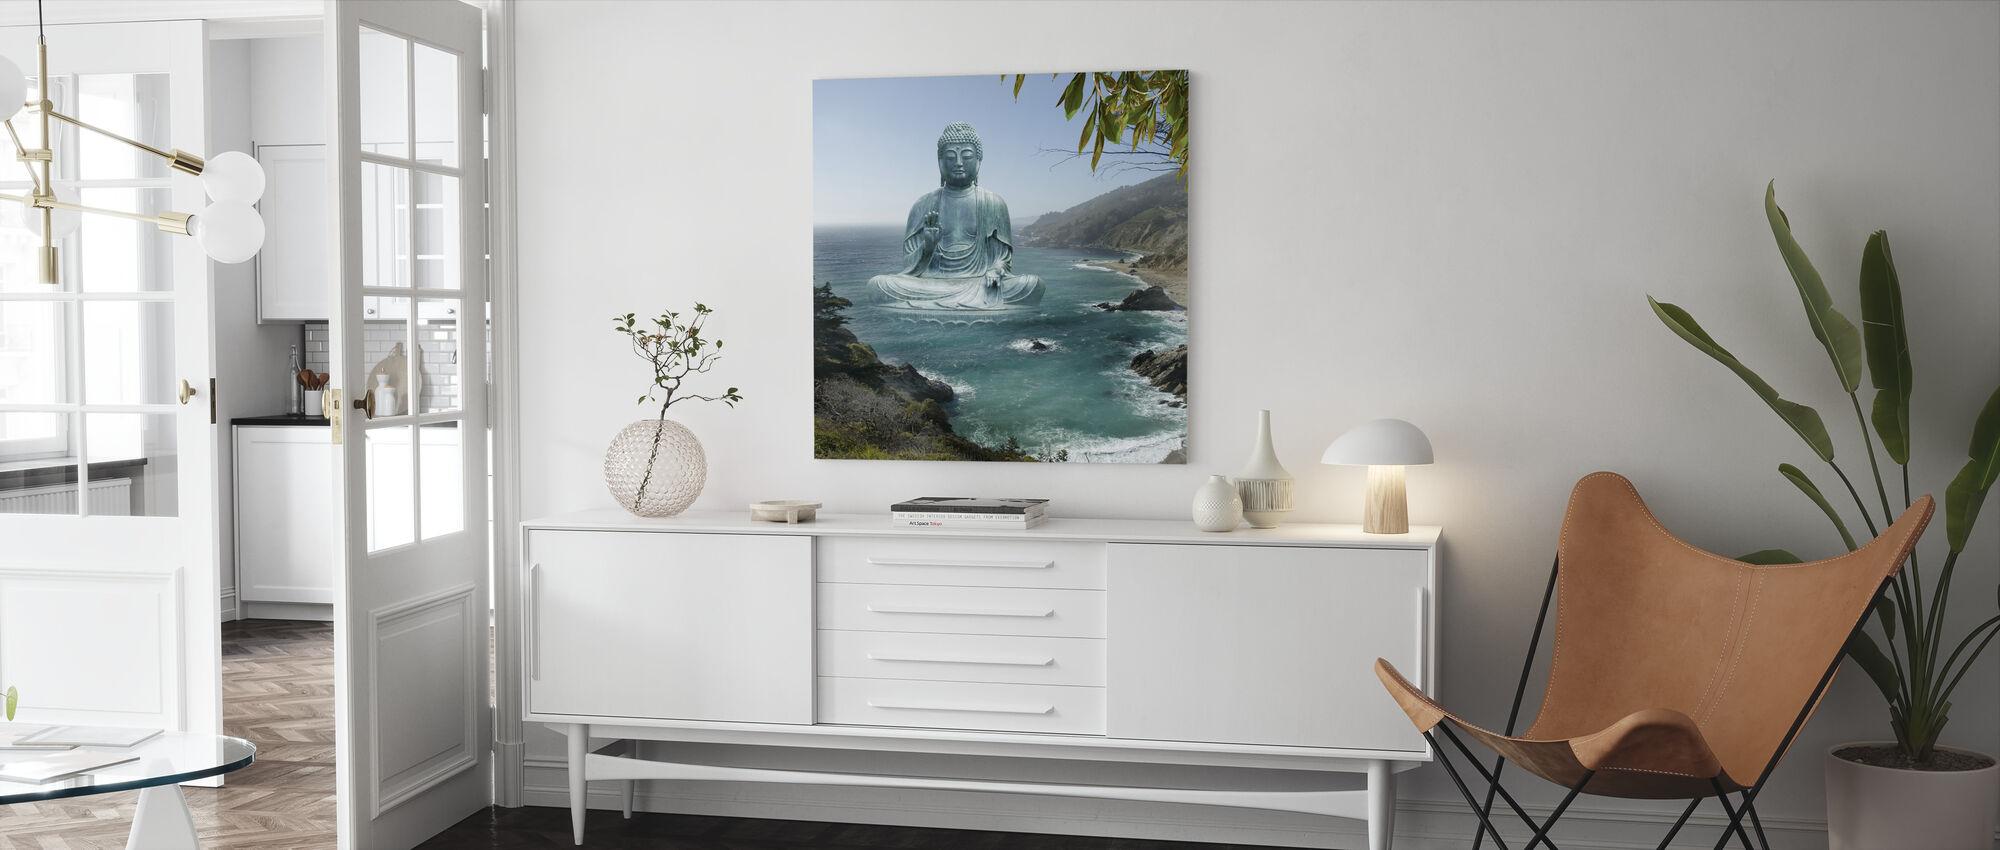 Grote Sur Tea Garden Boeddha - Canvas print - Woonkamer